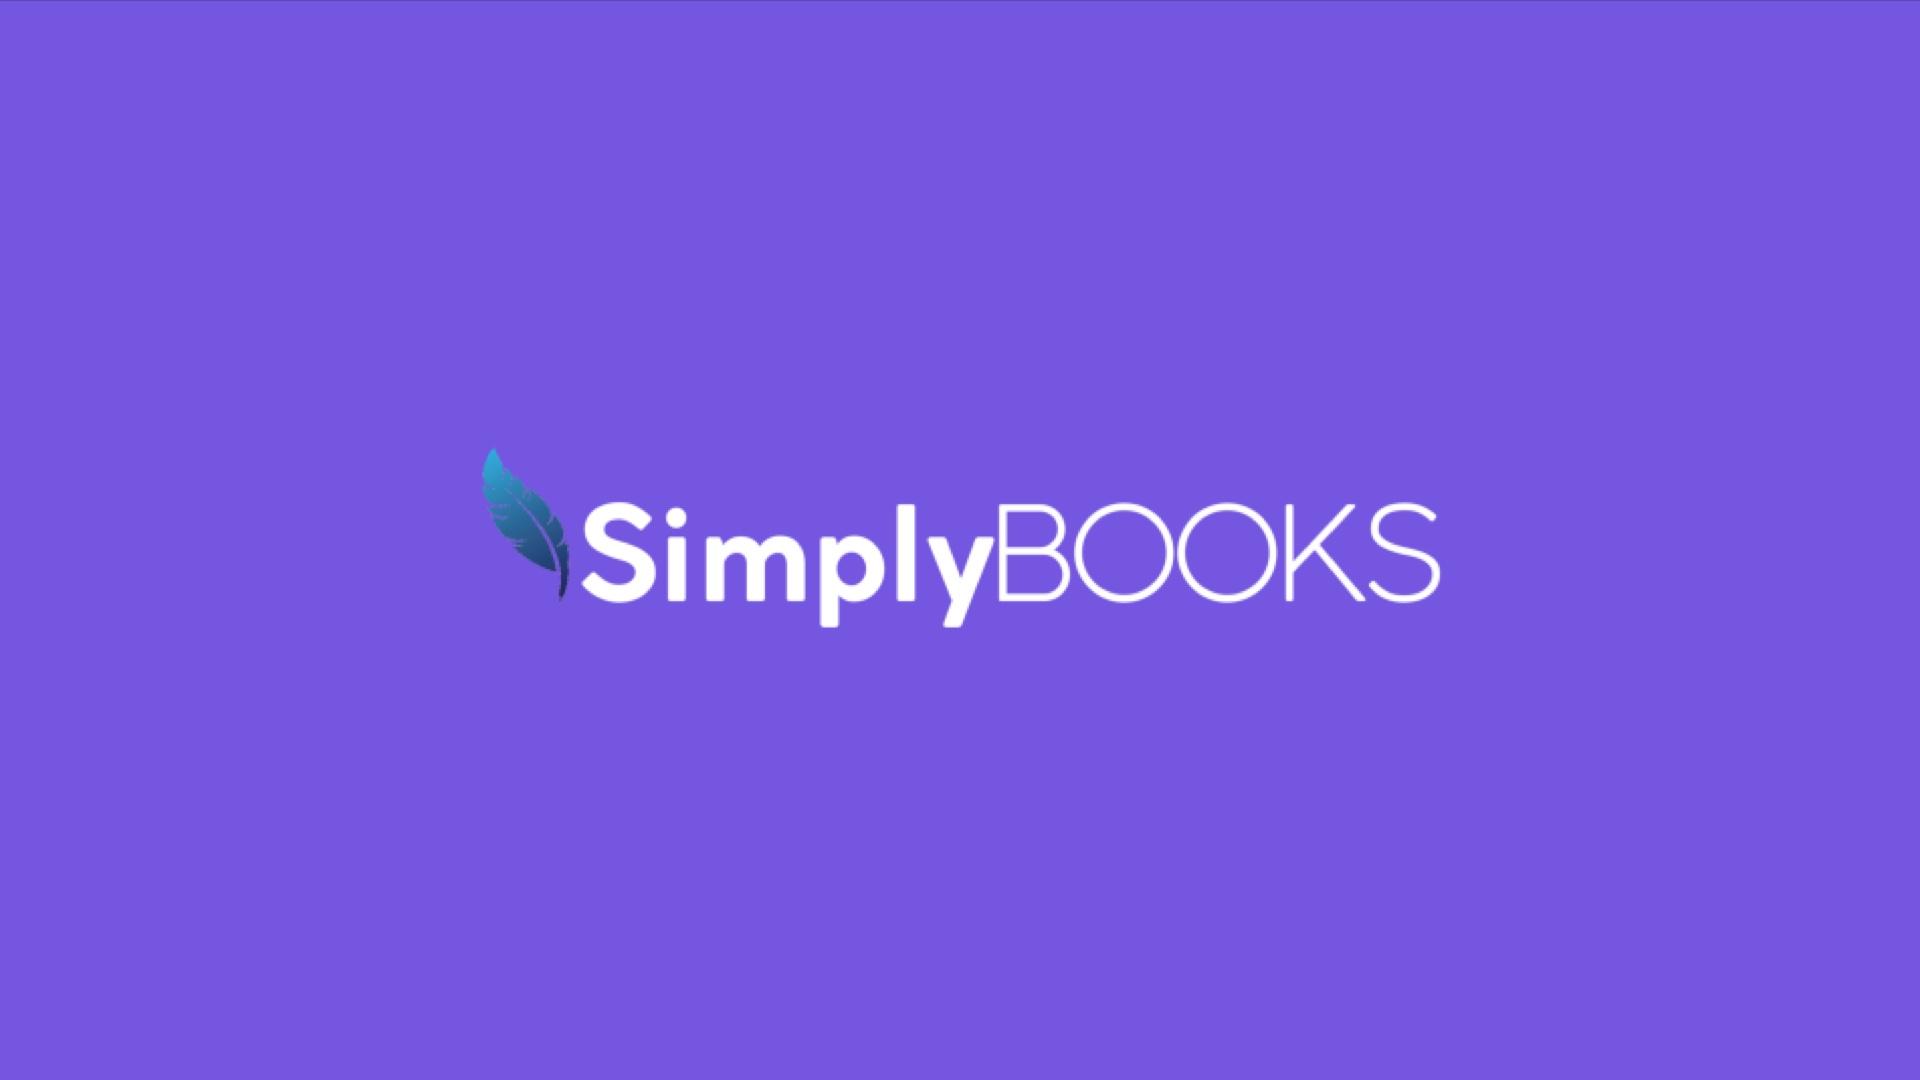 Comment recevoir les factures de ventes de SimplyBooks dans OkiOki